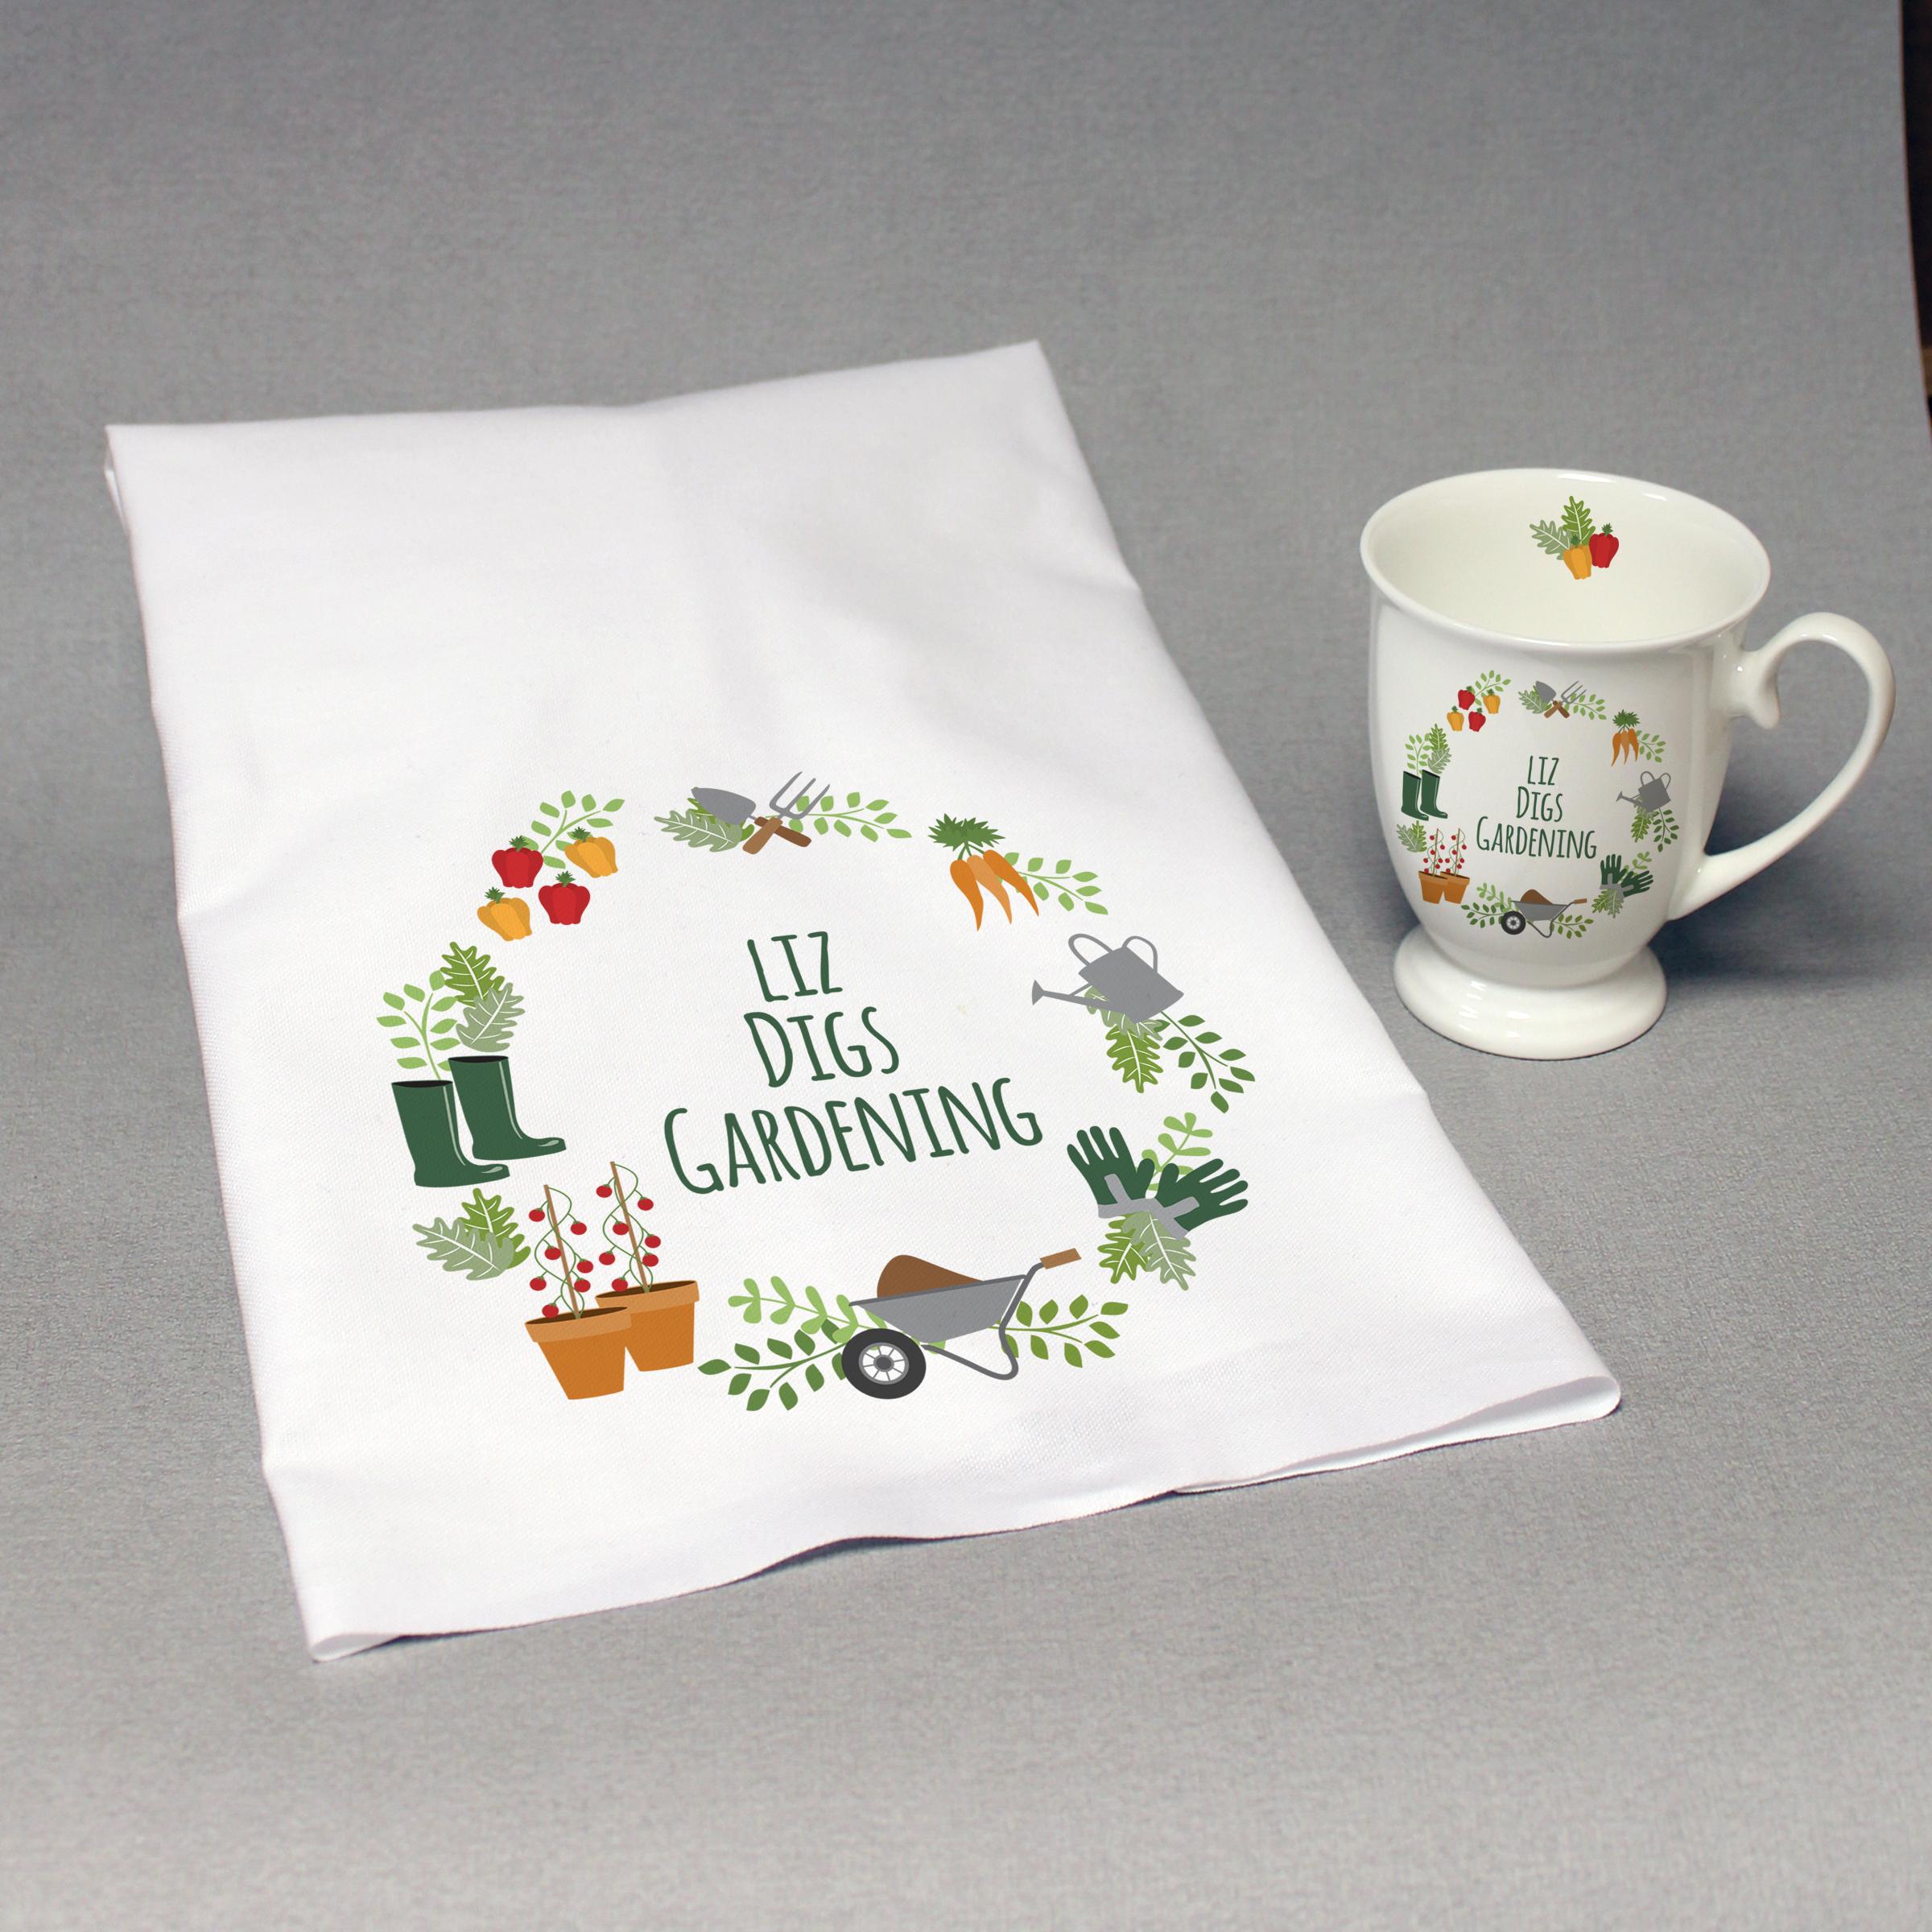 Personalised Digs Gardening Marquee Mug And Tea Towel Set